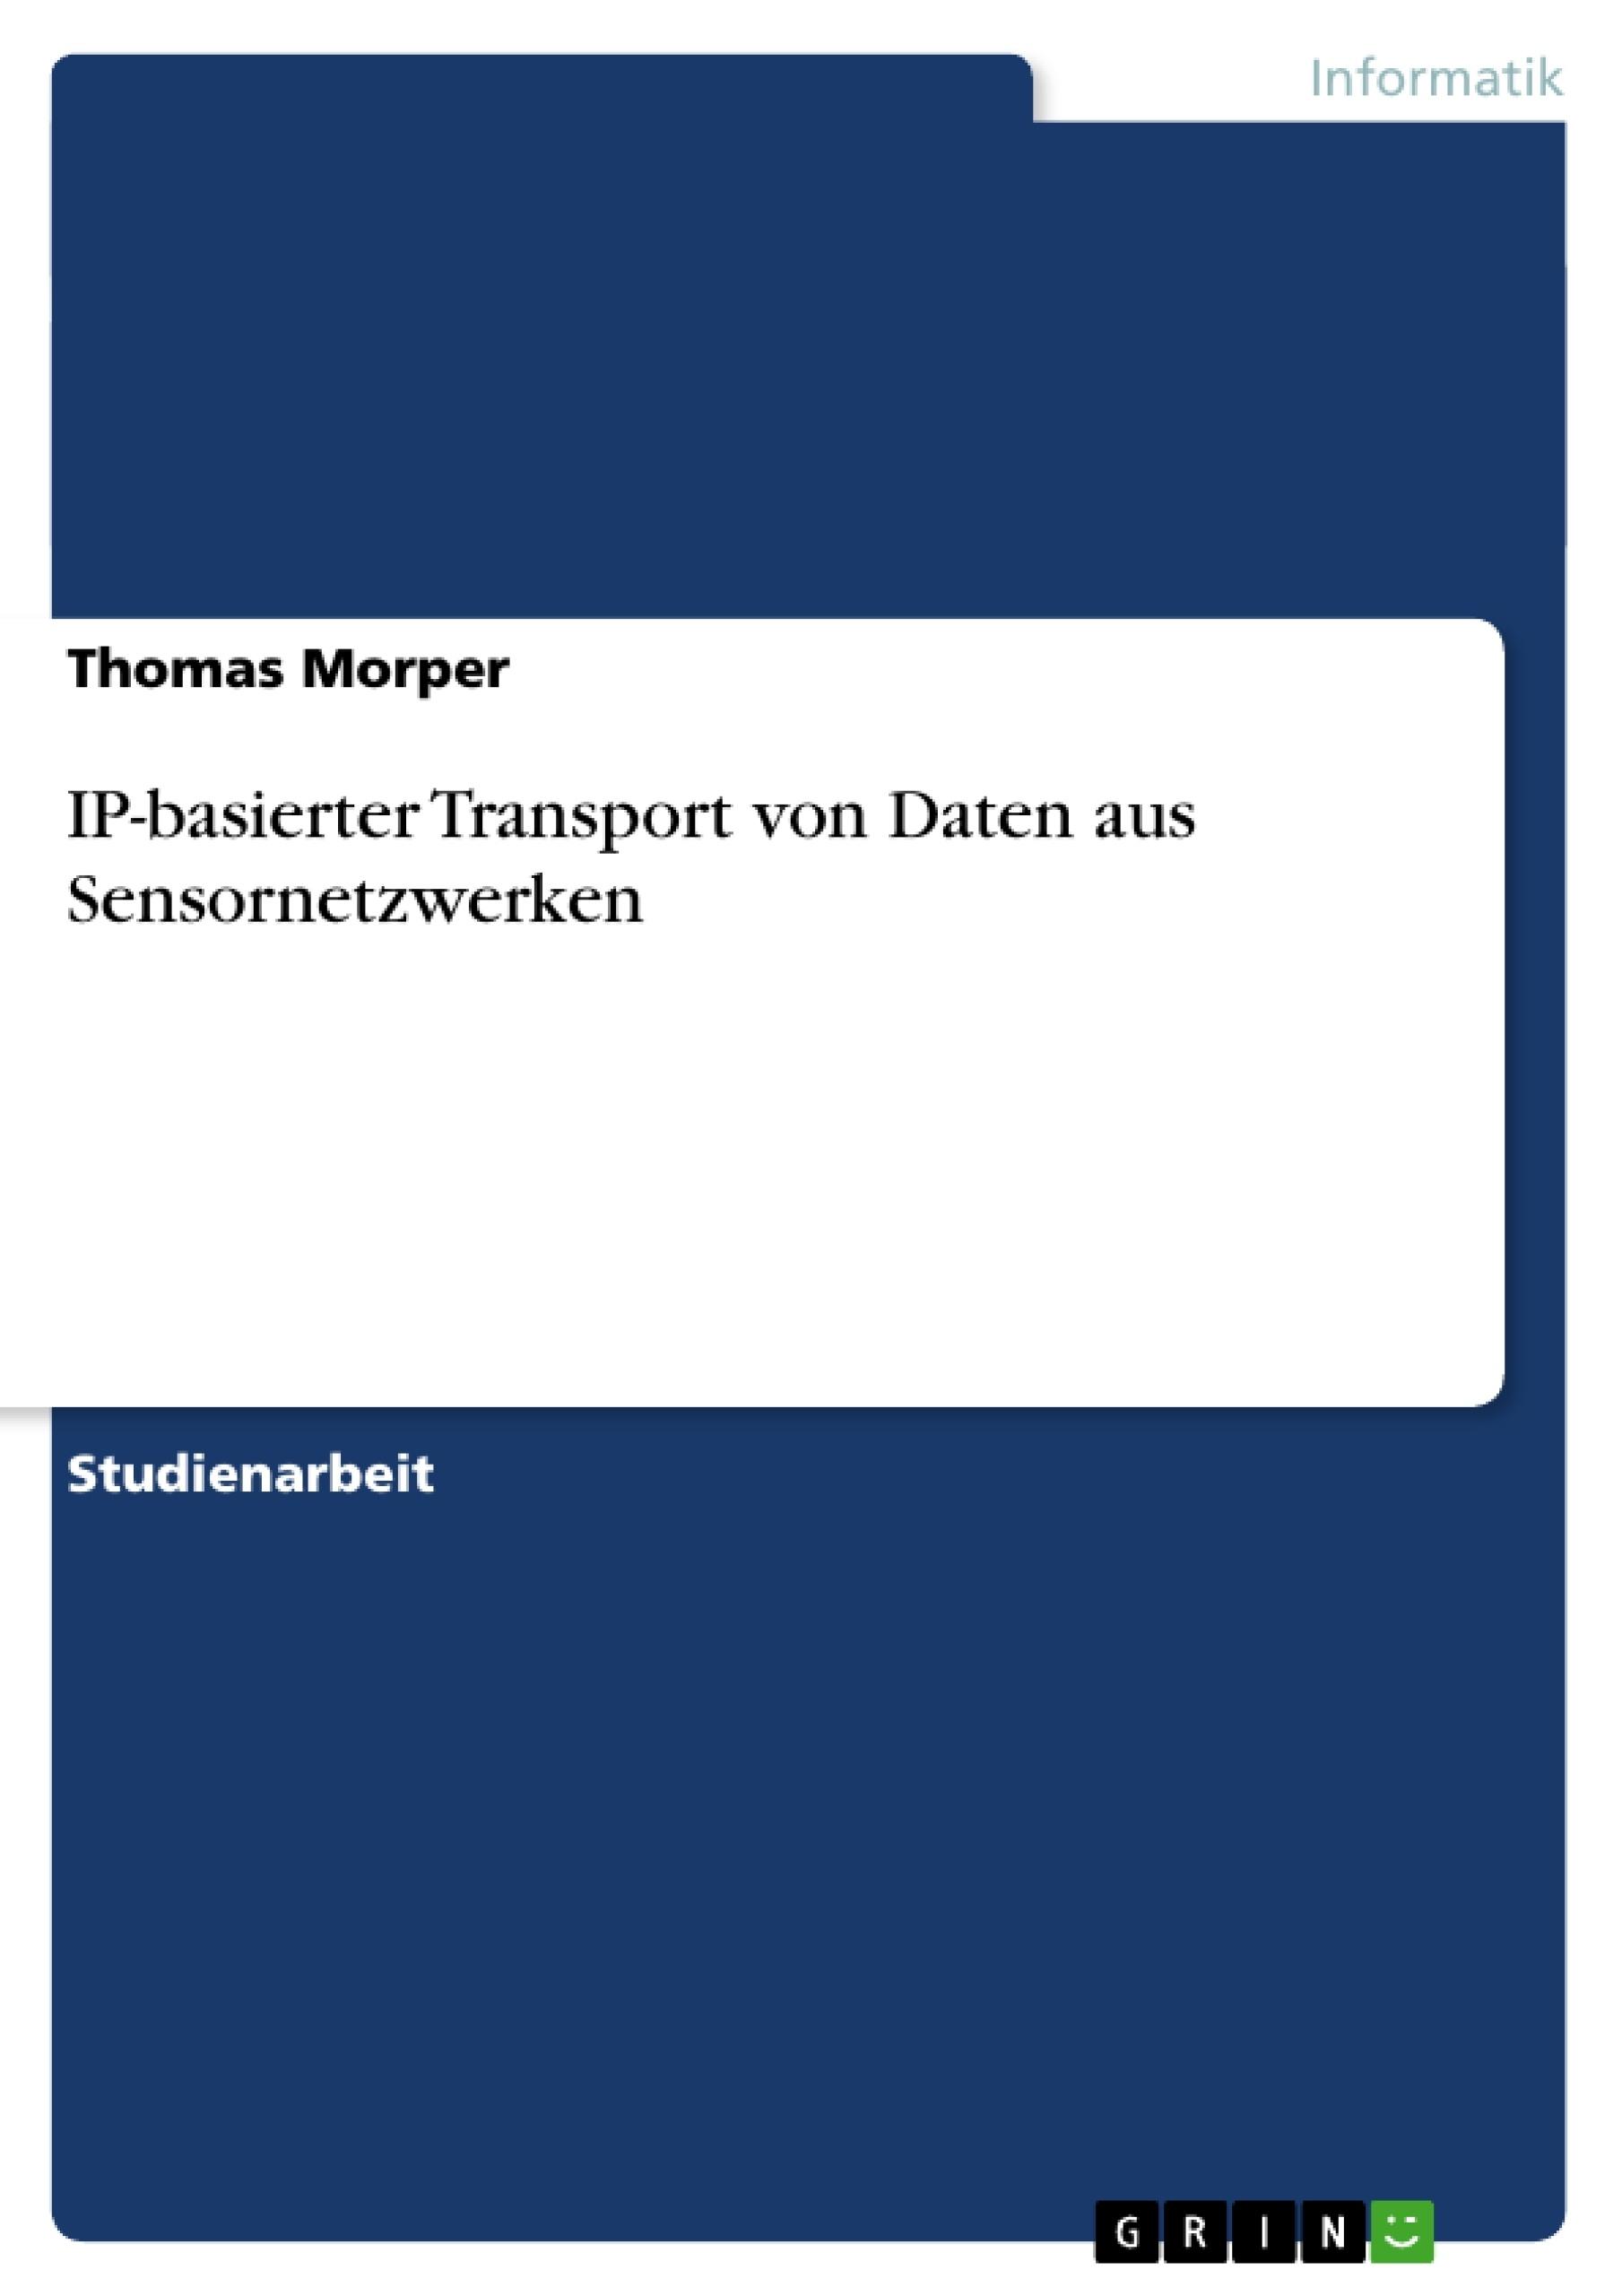 Titel: IP-basierter Transport von Daten aus Sensornetzwerken